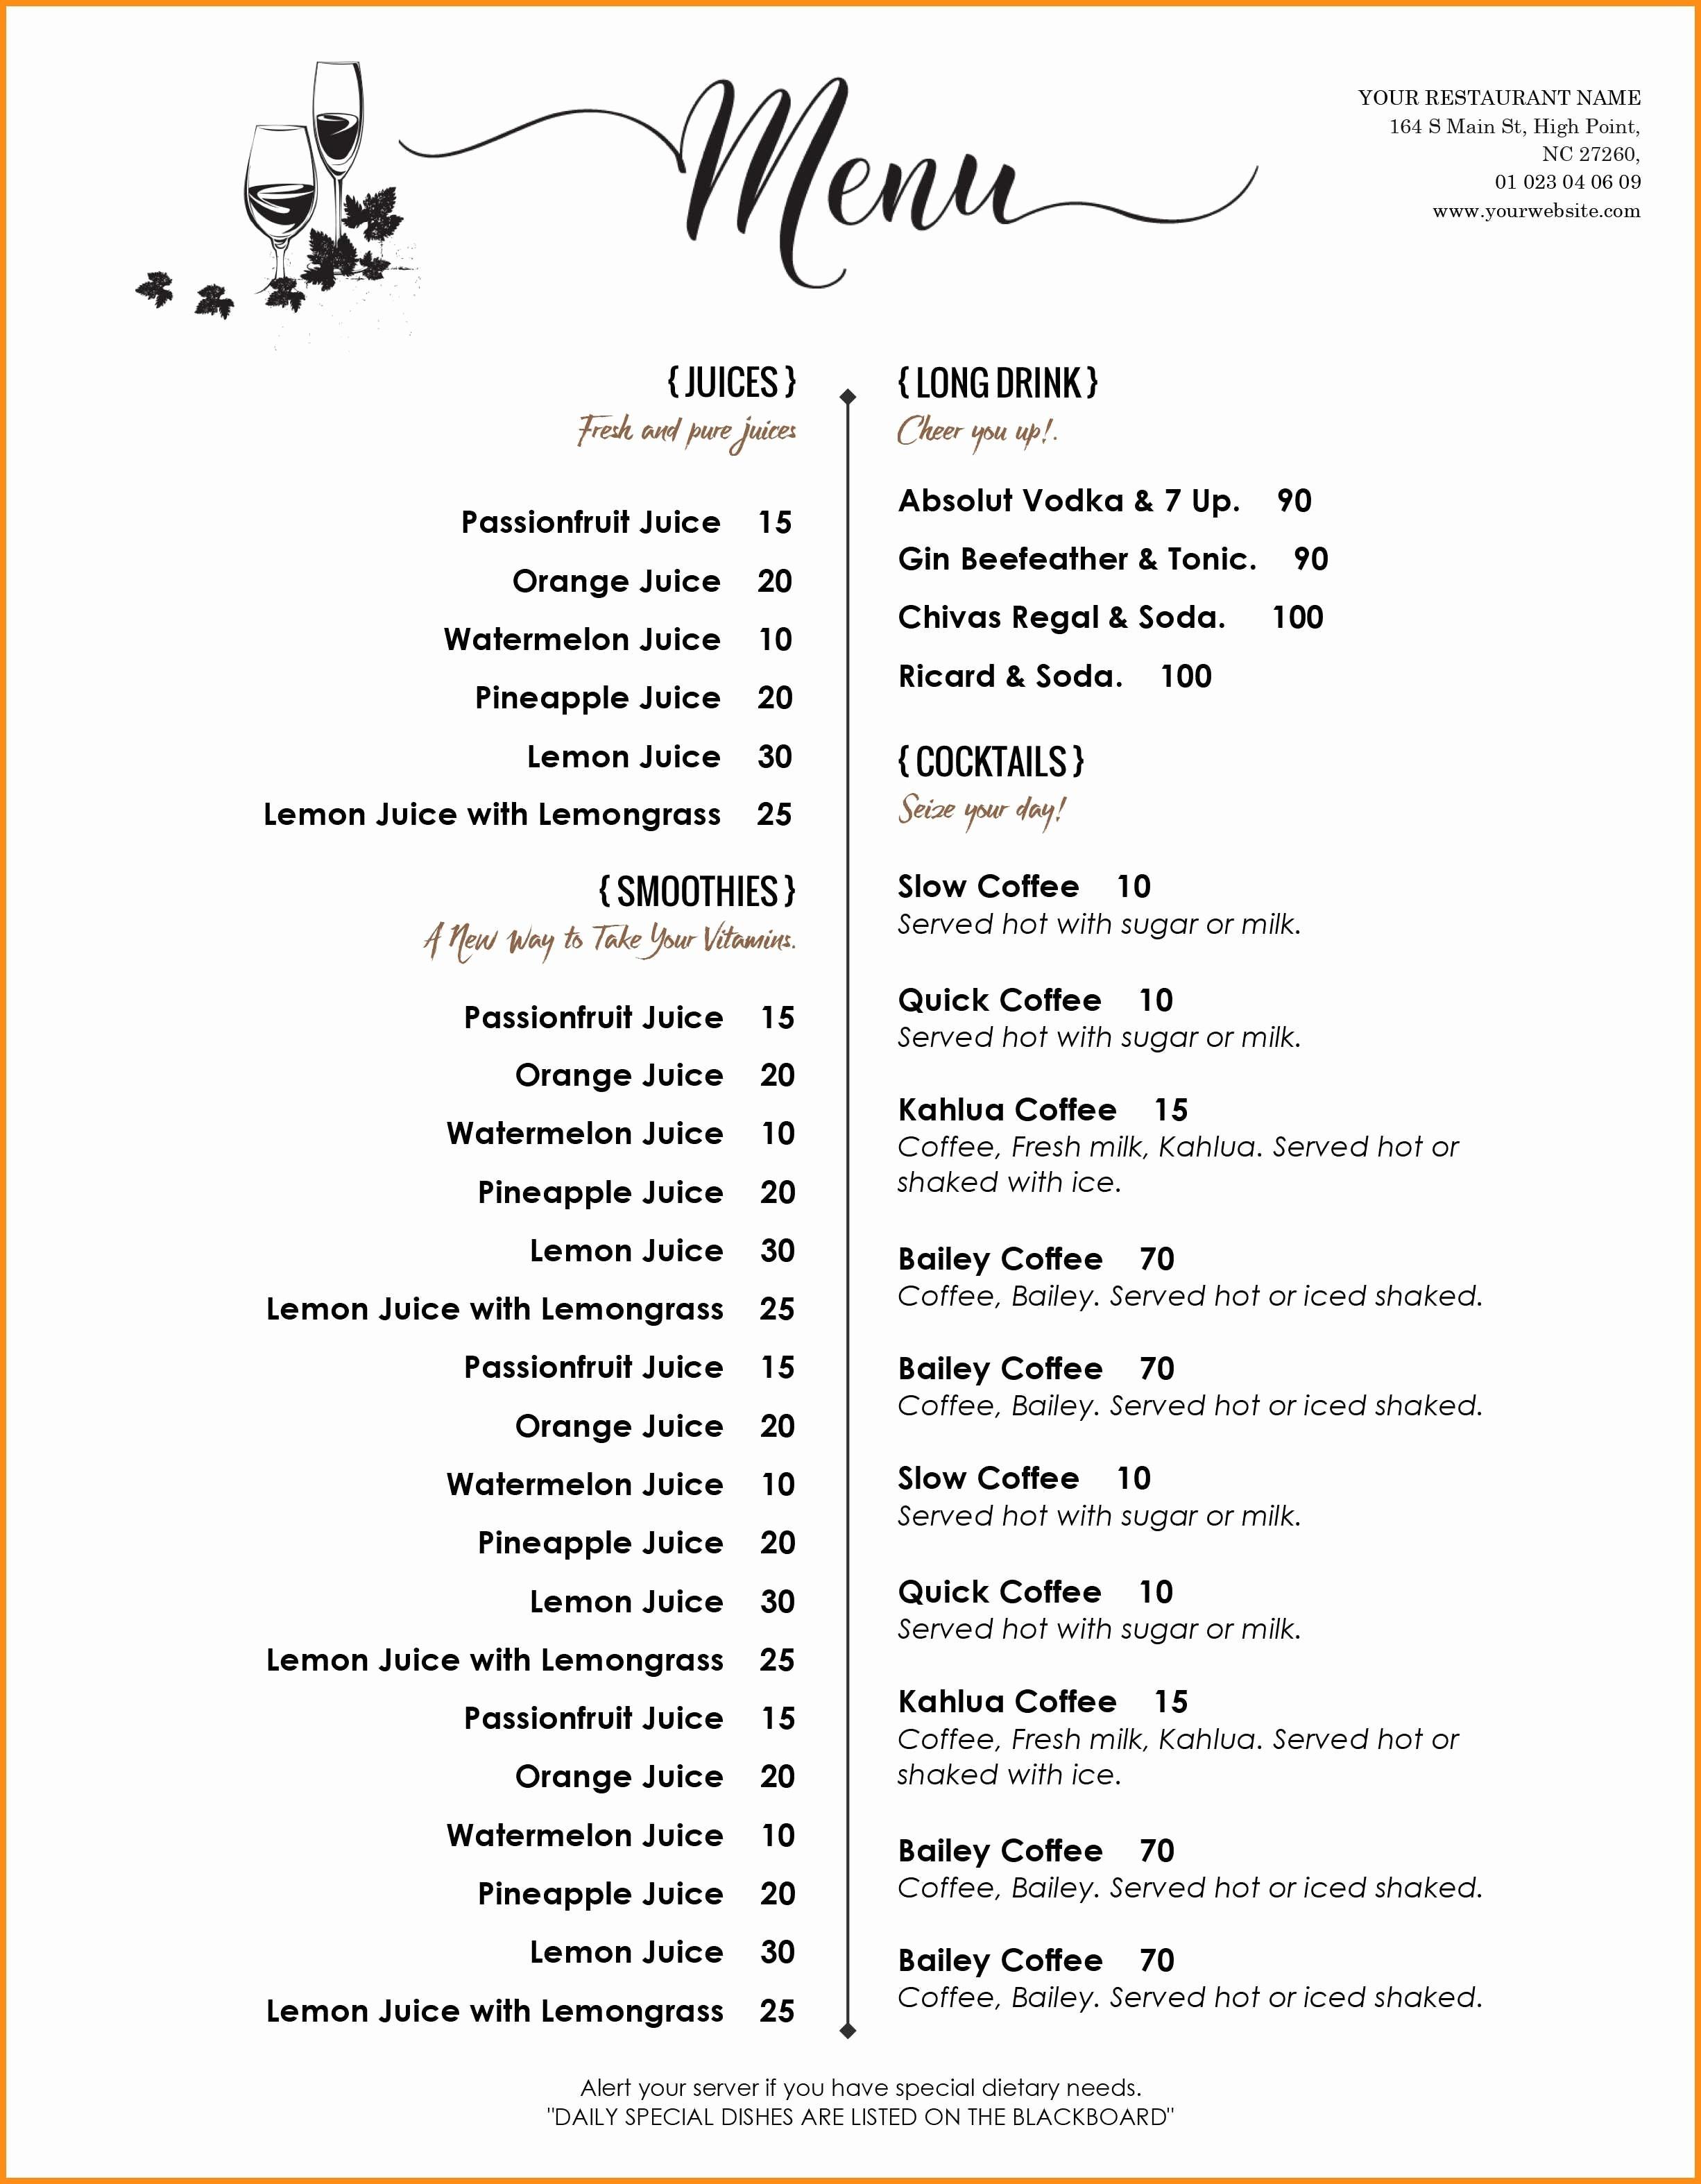 004 Free Printable Drink Menu Template Elegant Templates Word Of - Menu Template Free Printable Word